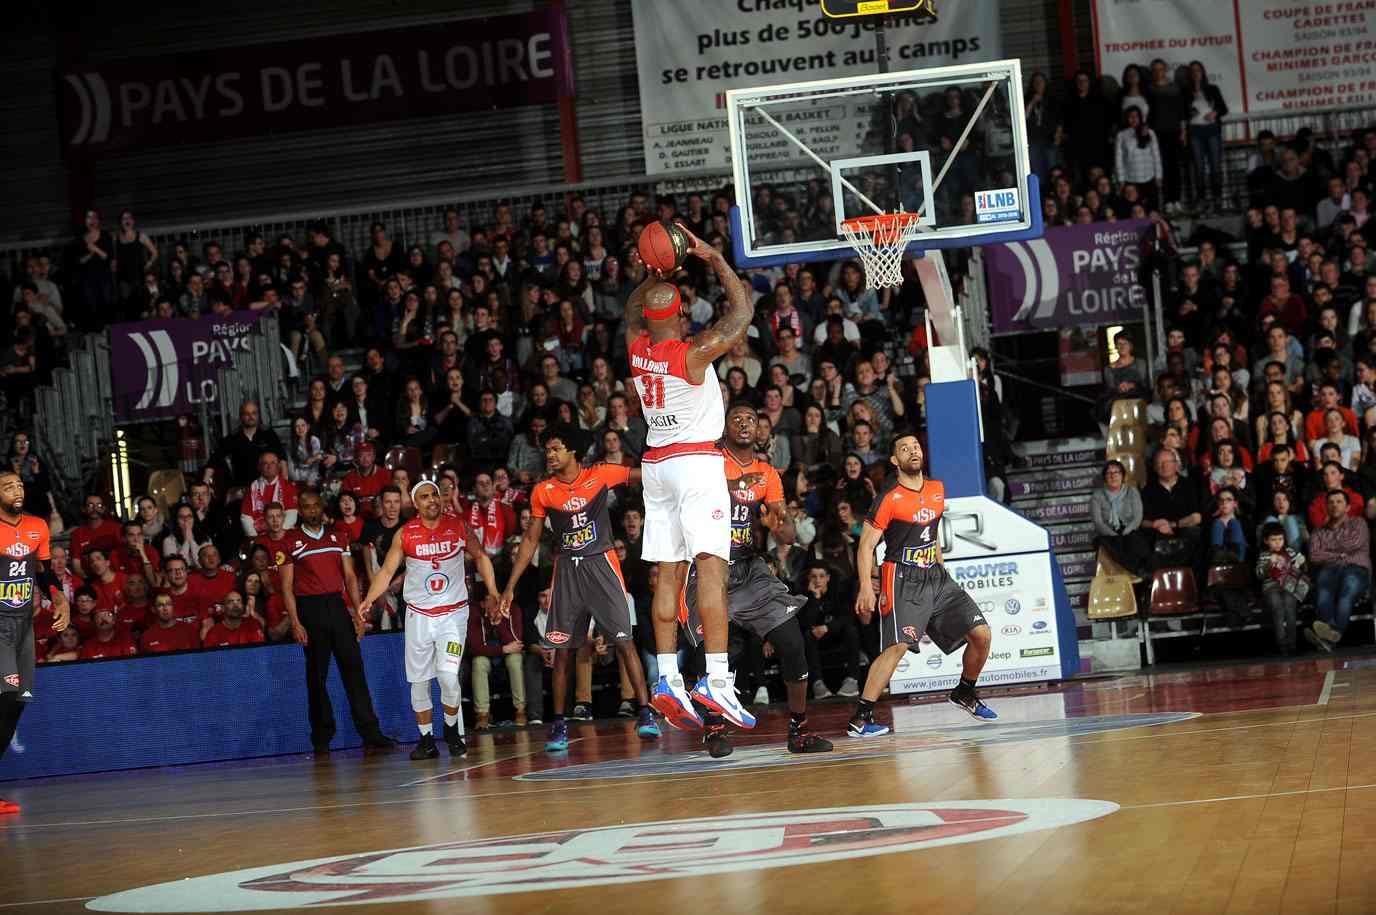 Crédit photo : Pascal ALLÉE